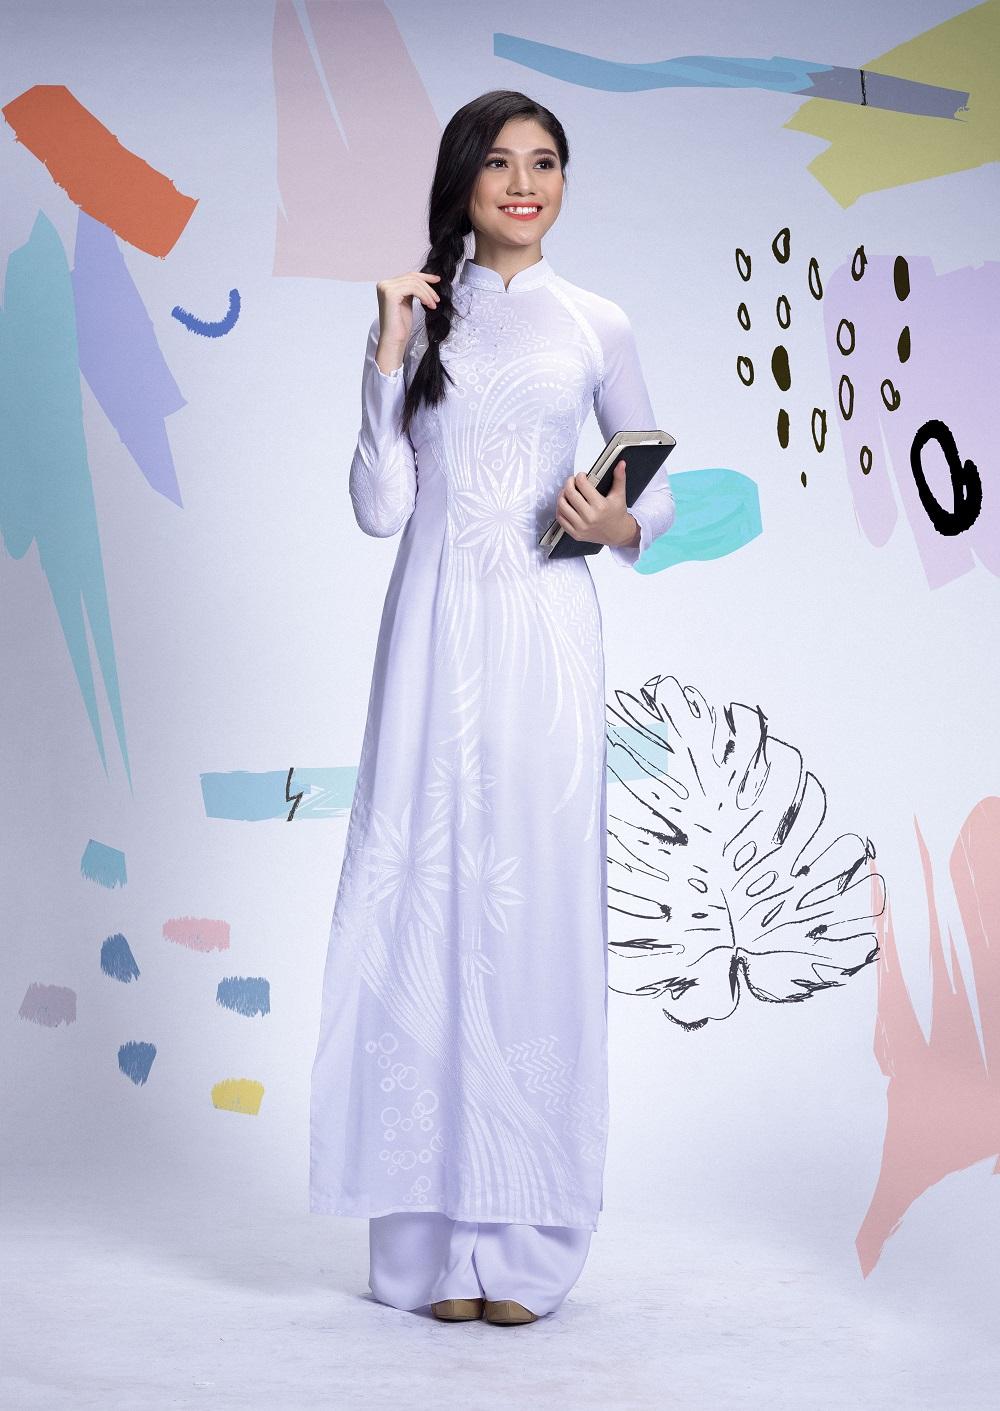 Đẹp tinh khôi với áo dài trắng lấy cảm hứng từ hội họa - Ảnh 6.